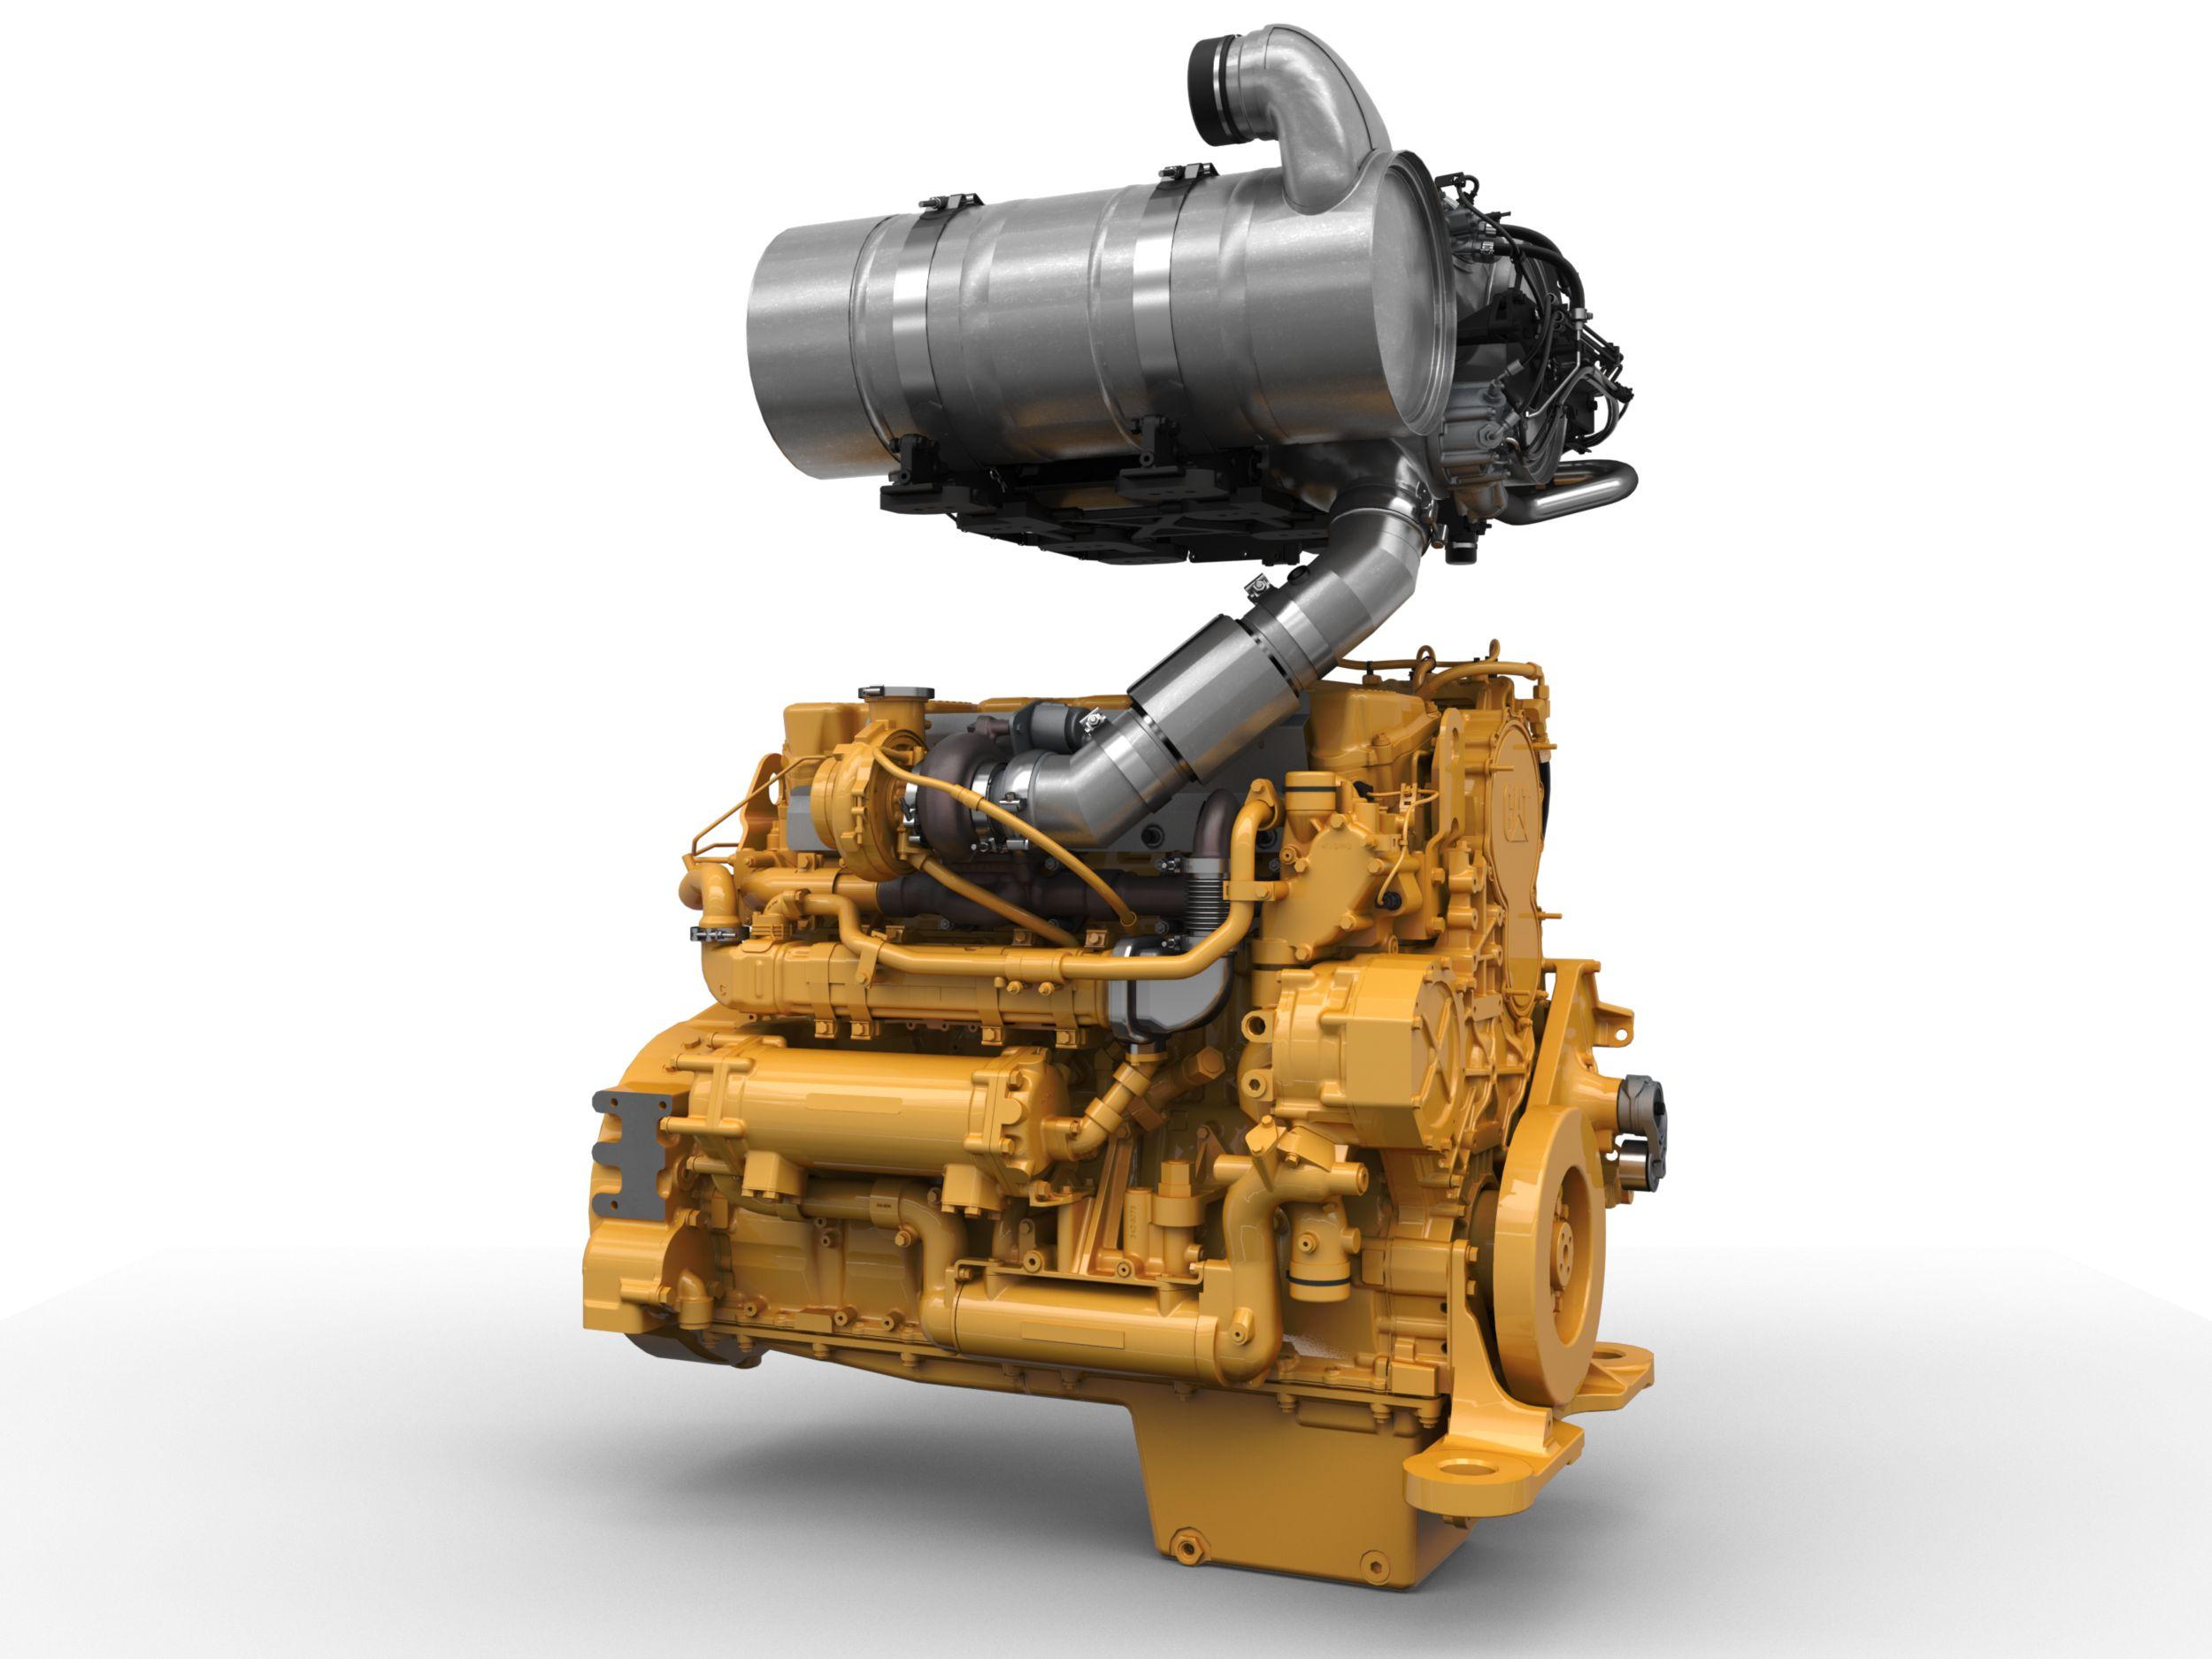 C15 ACERT™ Tier 4 Final Engine